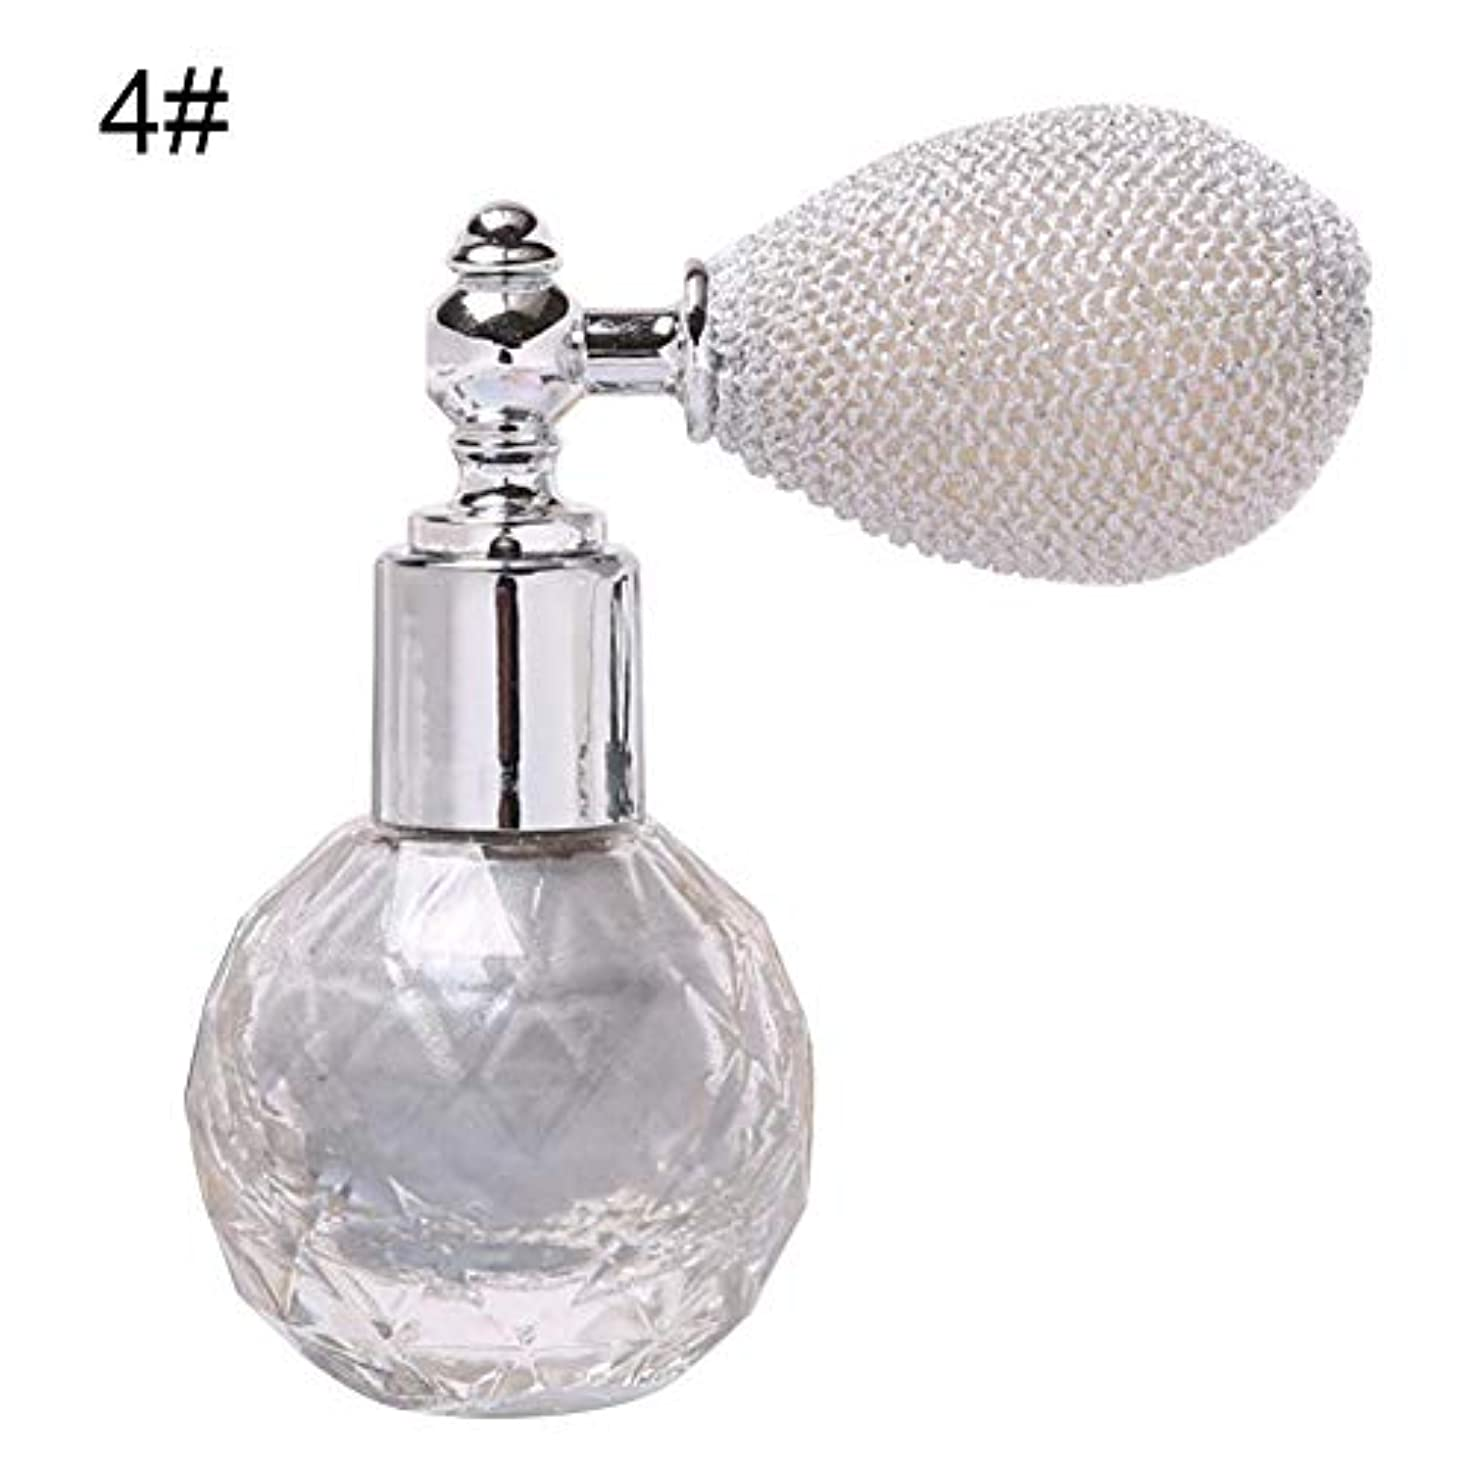 成功する錆び雑品Ragem グリッターパウダー スプレー 式 香水味 顔/ボディ/ヘア 化粧パウダー 4色選択可